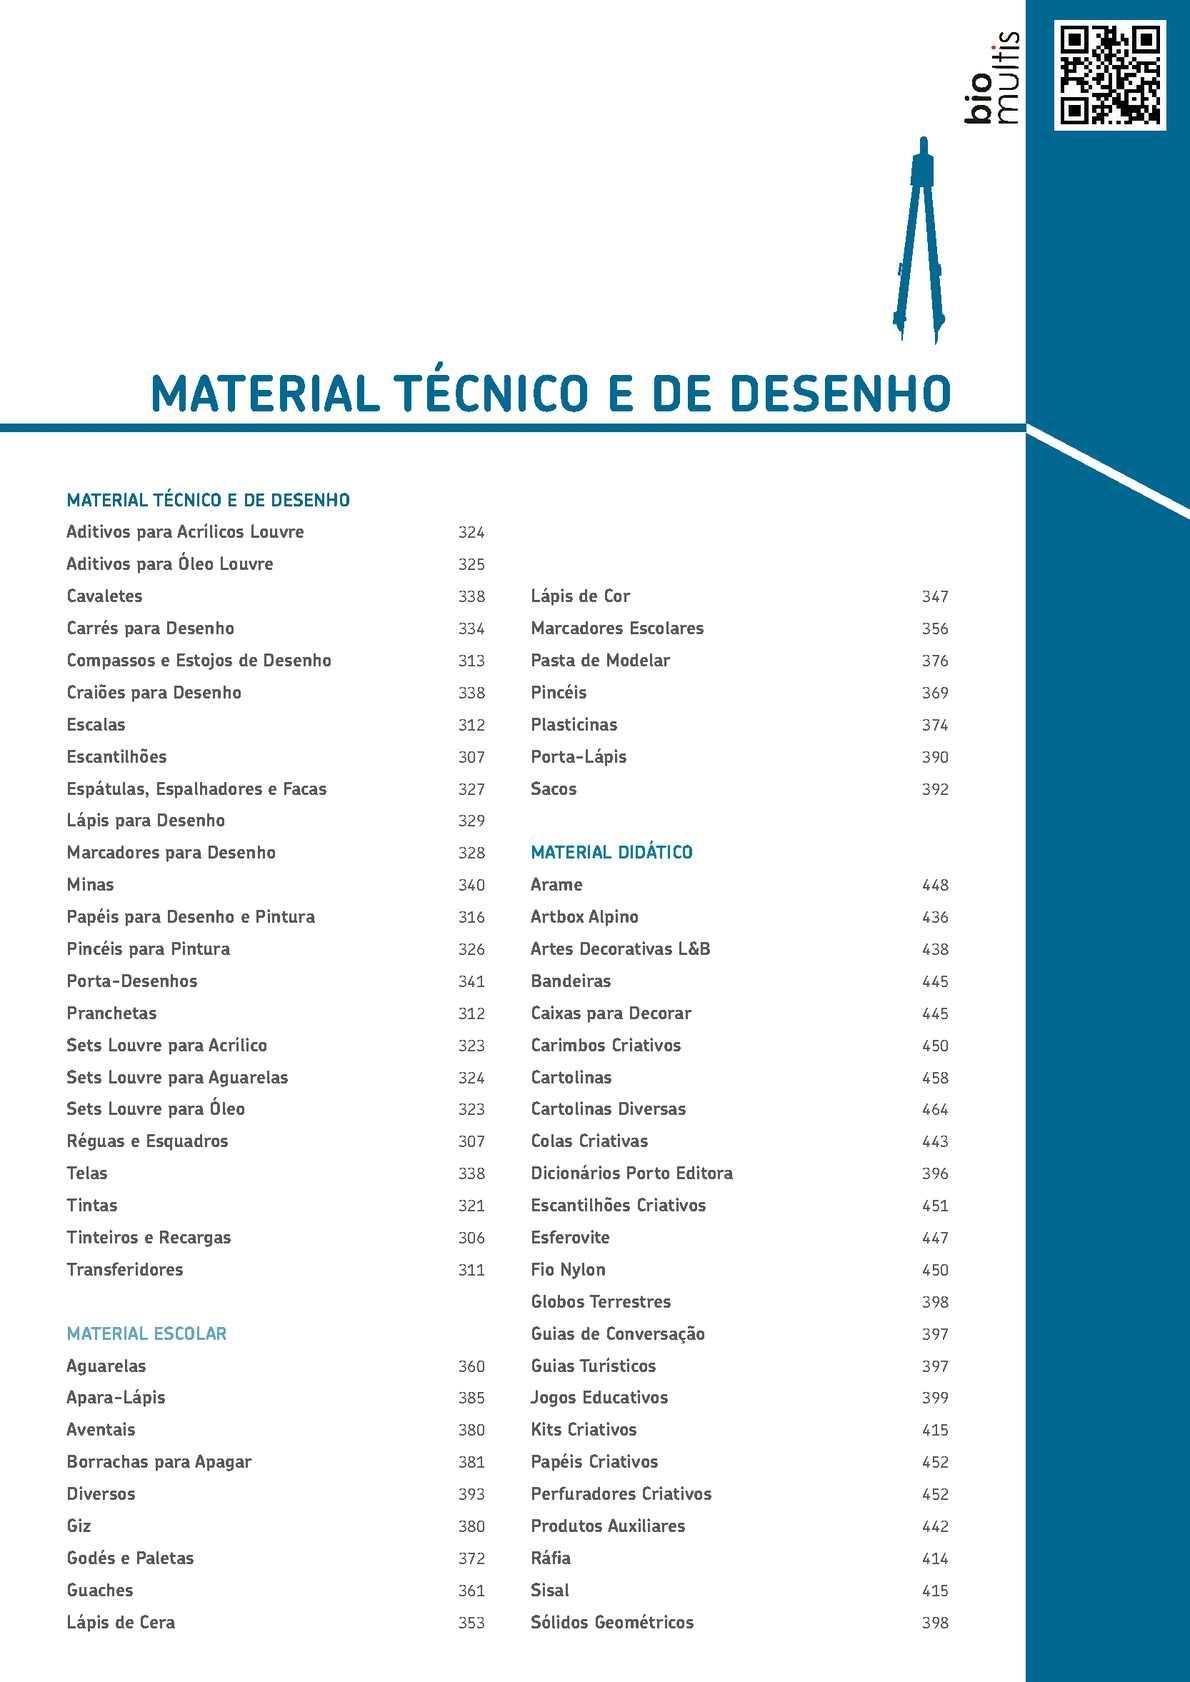 7f2ba6697 Calaméo - Material Tecnico Desenho Belas artes